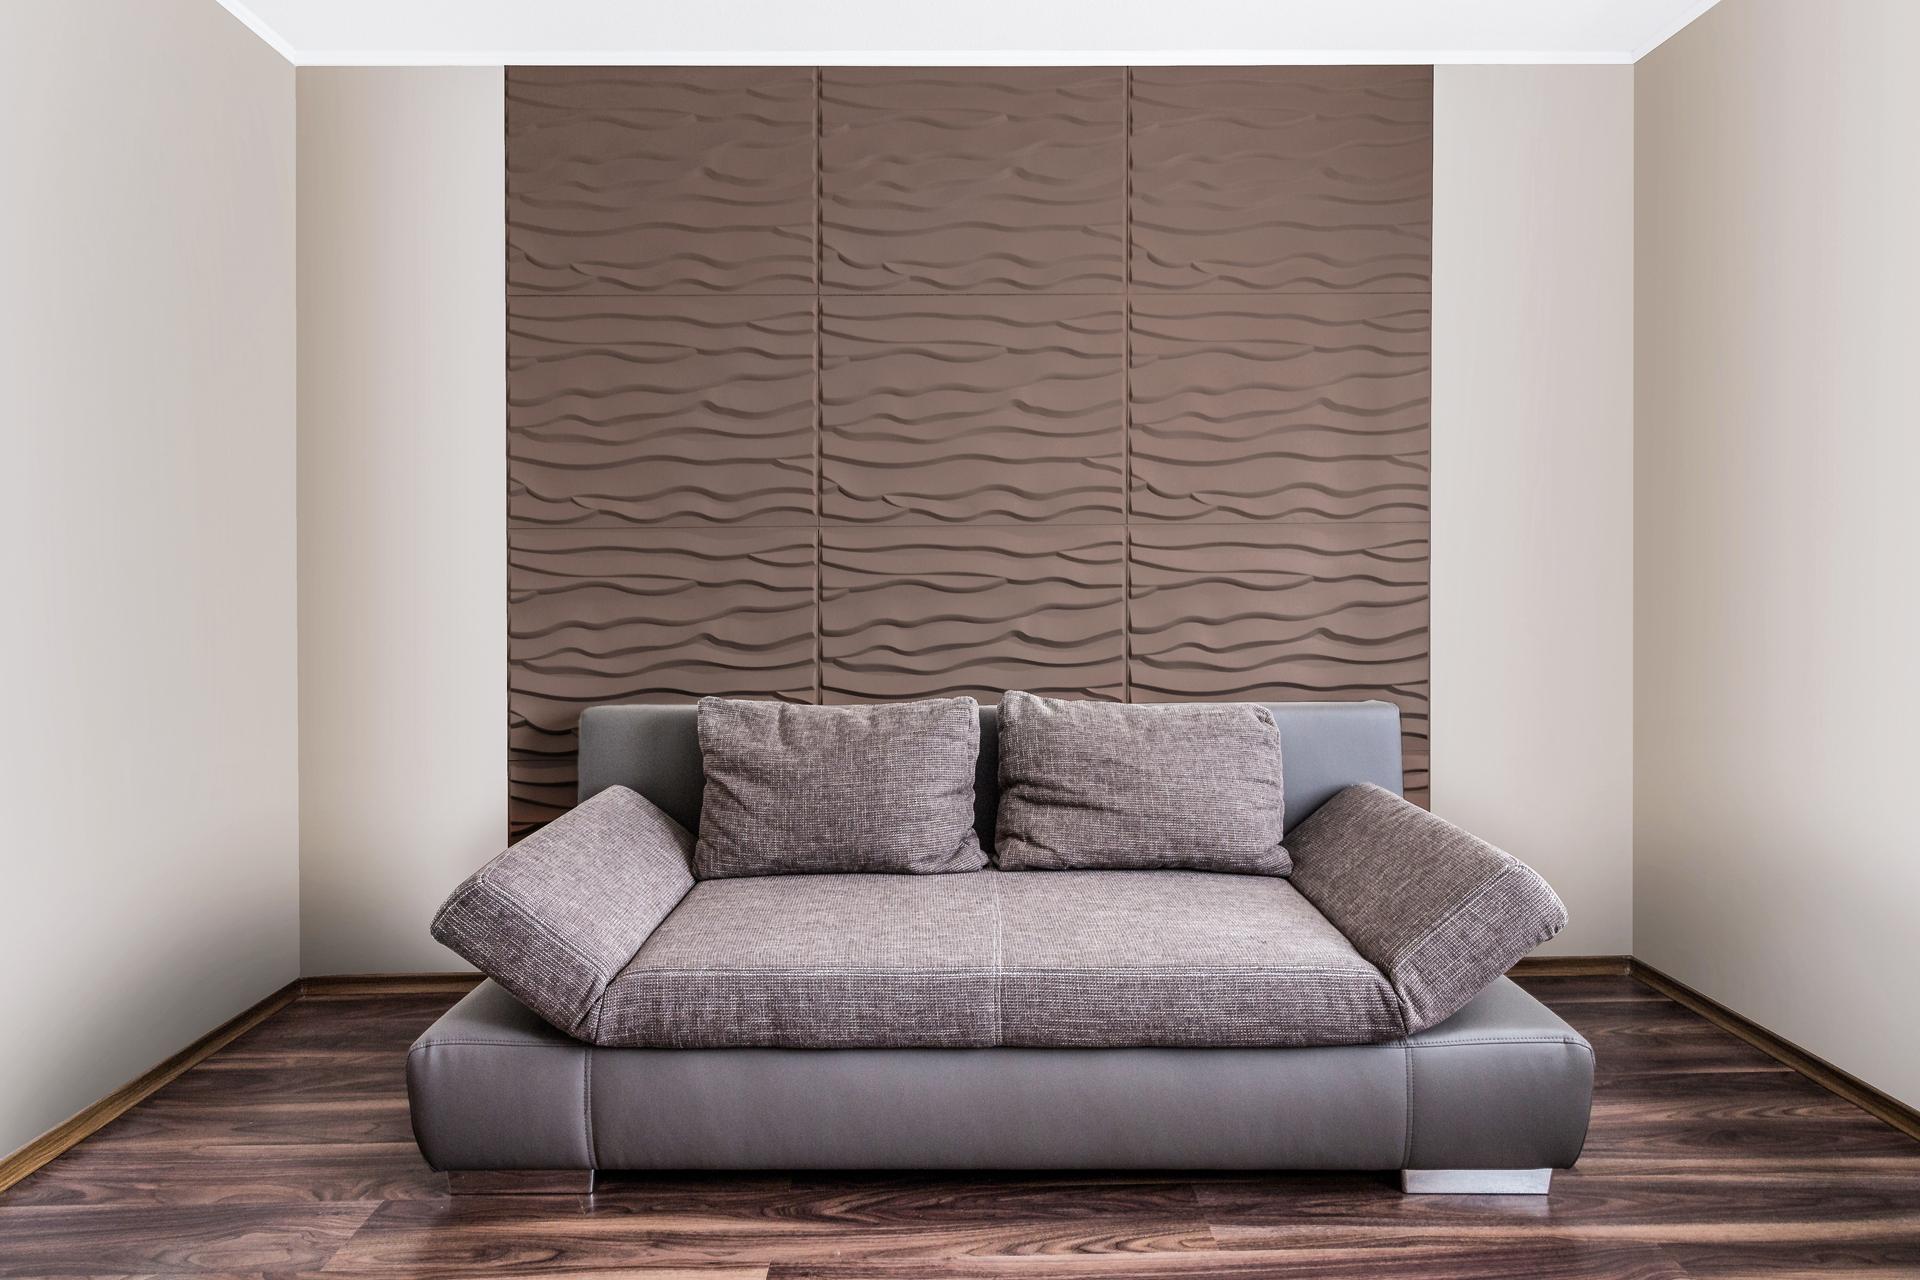 Impressionen 3d wandpaneele deckenpaneele wandverkleidung aus bambus - 3d wandpaneele ...